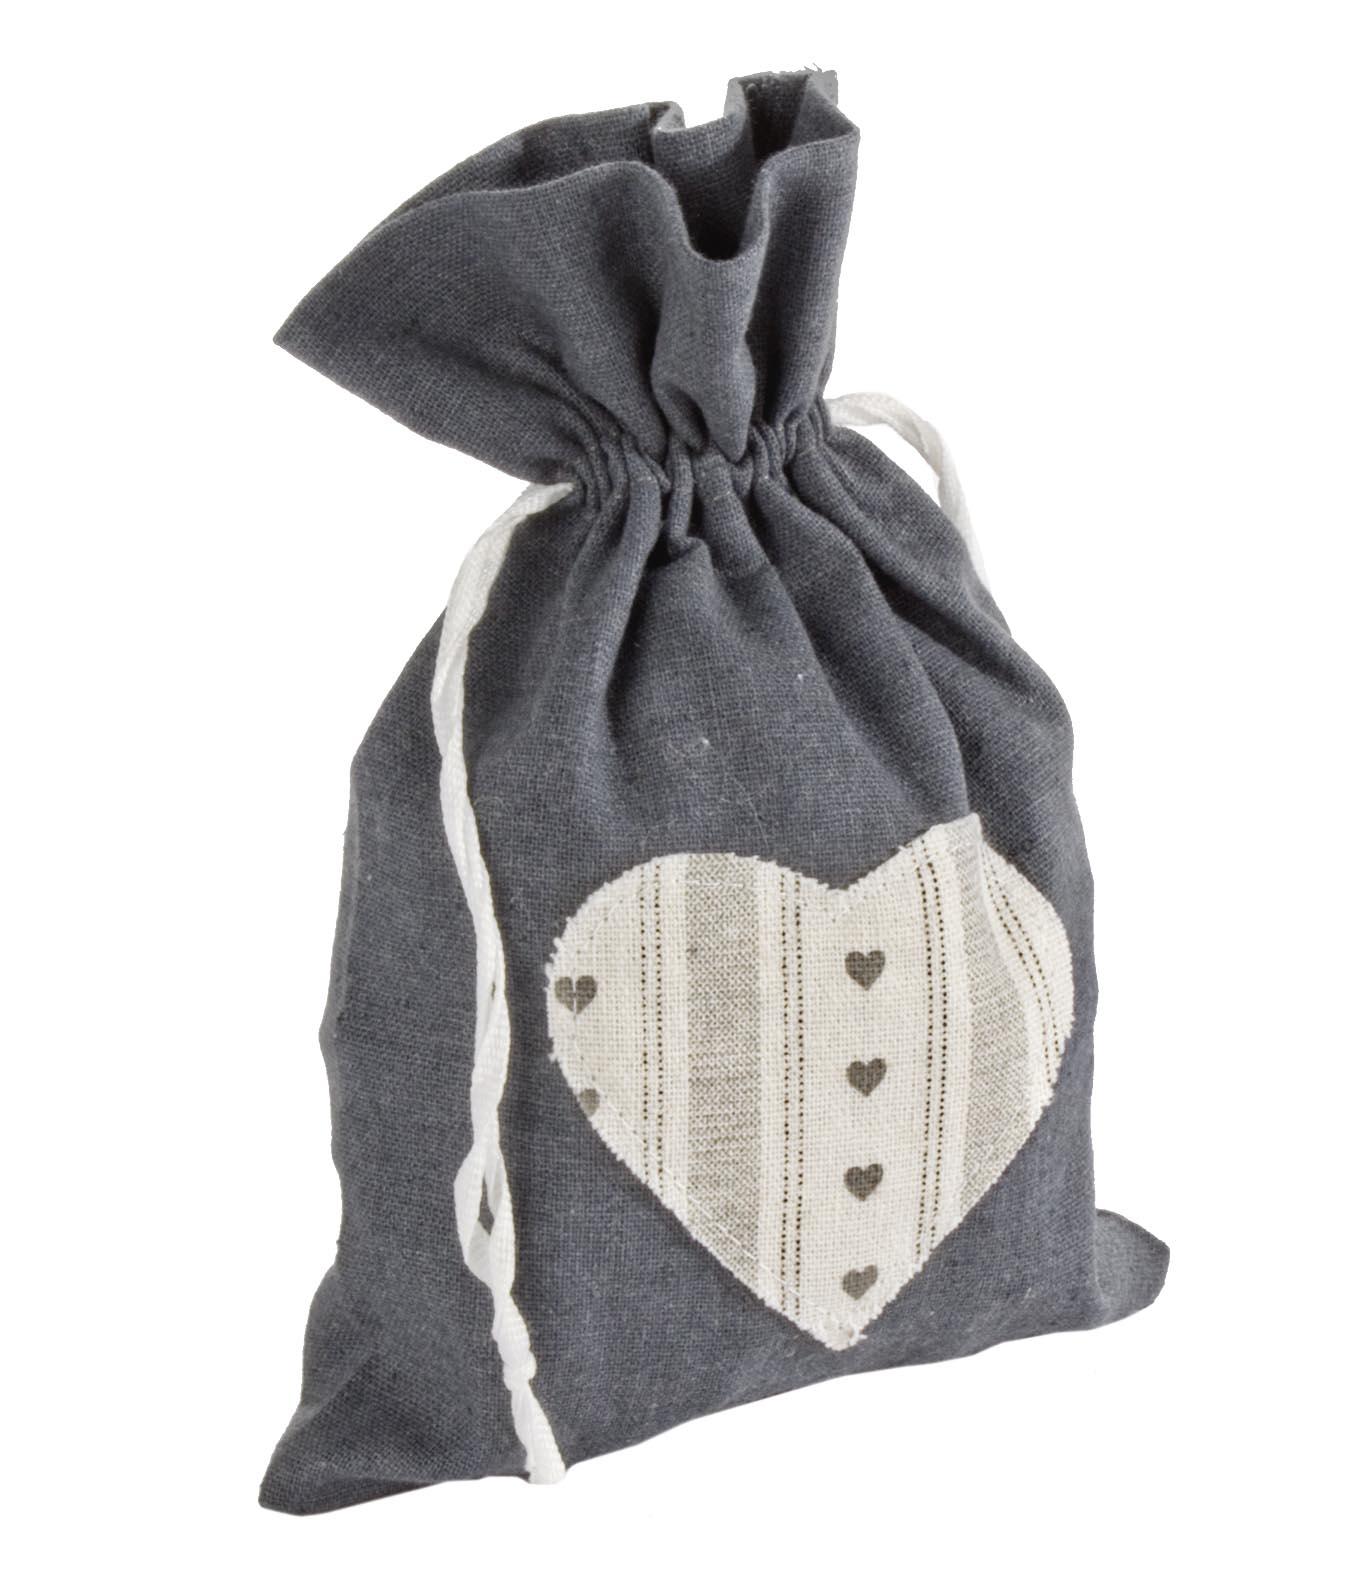 Decoratiune din material textil Heart L Gri / Alb, l22xH15 cm poza